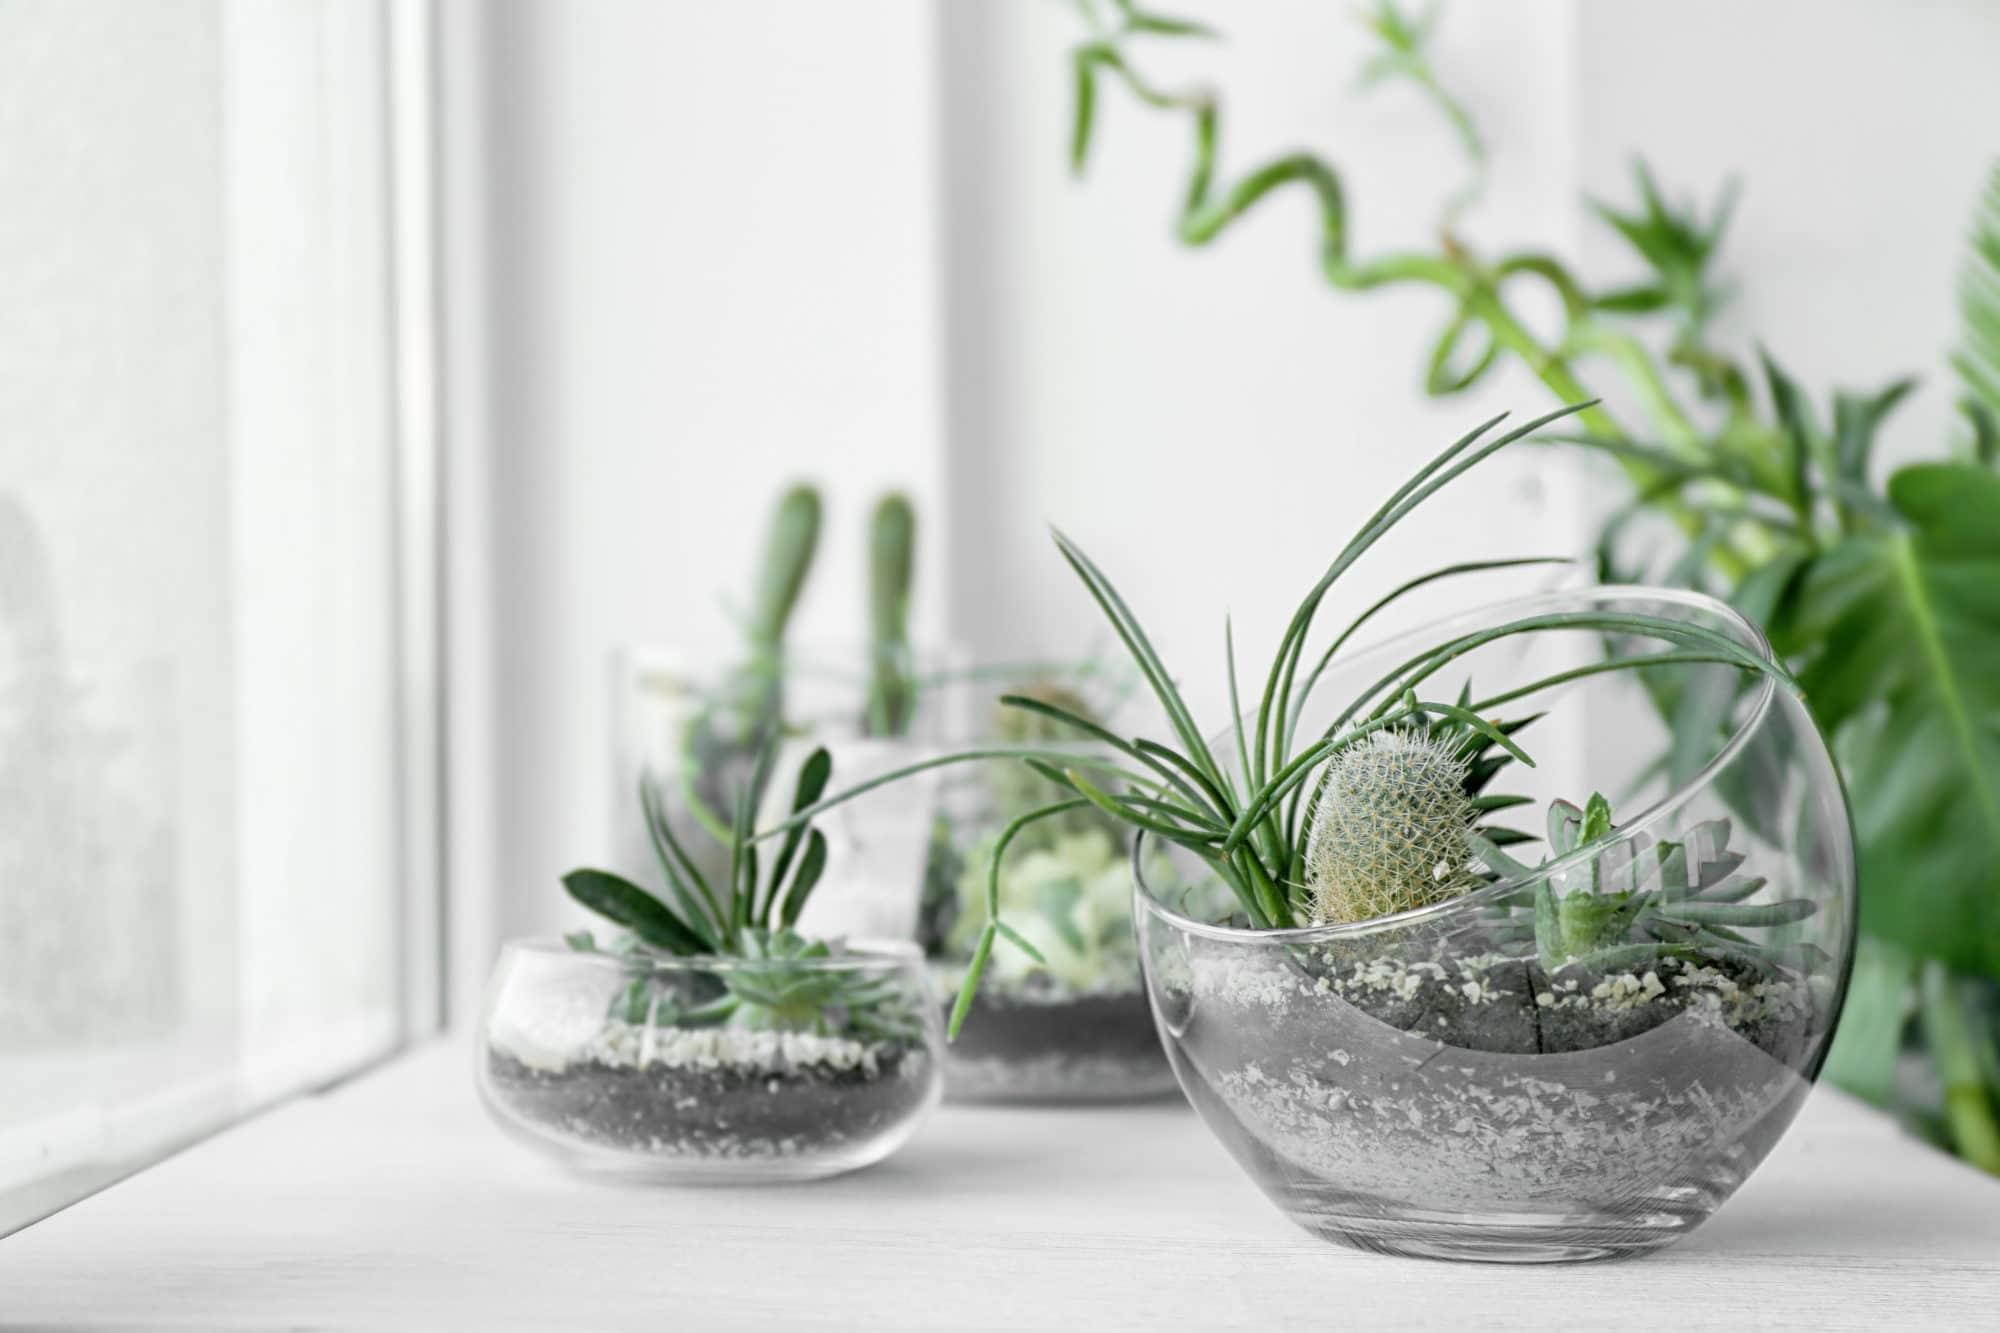 Rostliny v průhledné nádobě